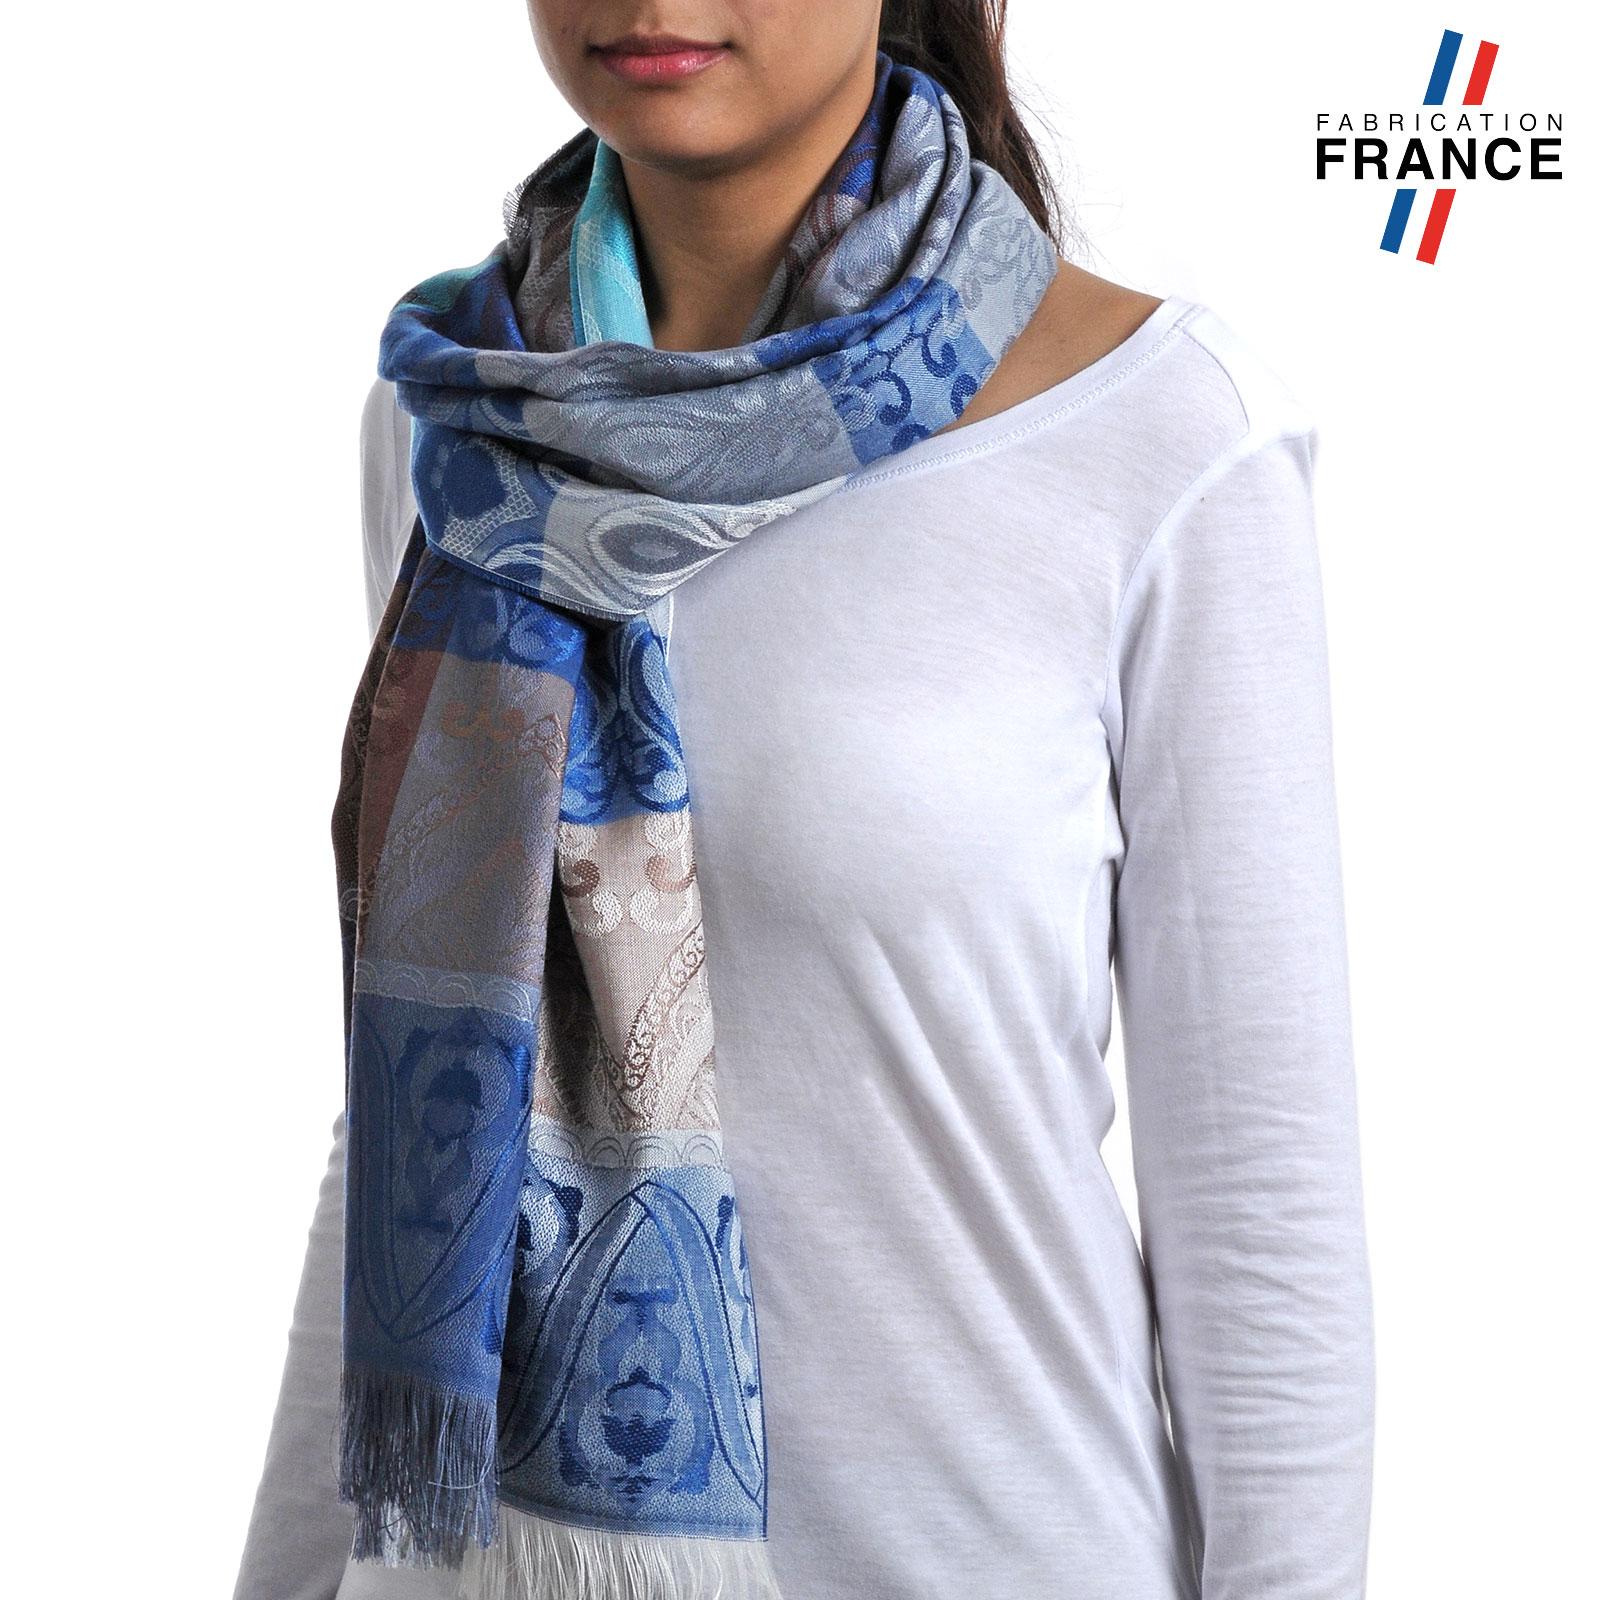 Echarpe femme bleu   Congres aecg a94447bd83e